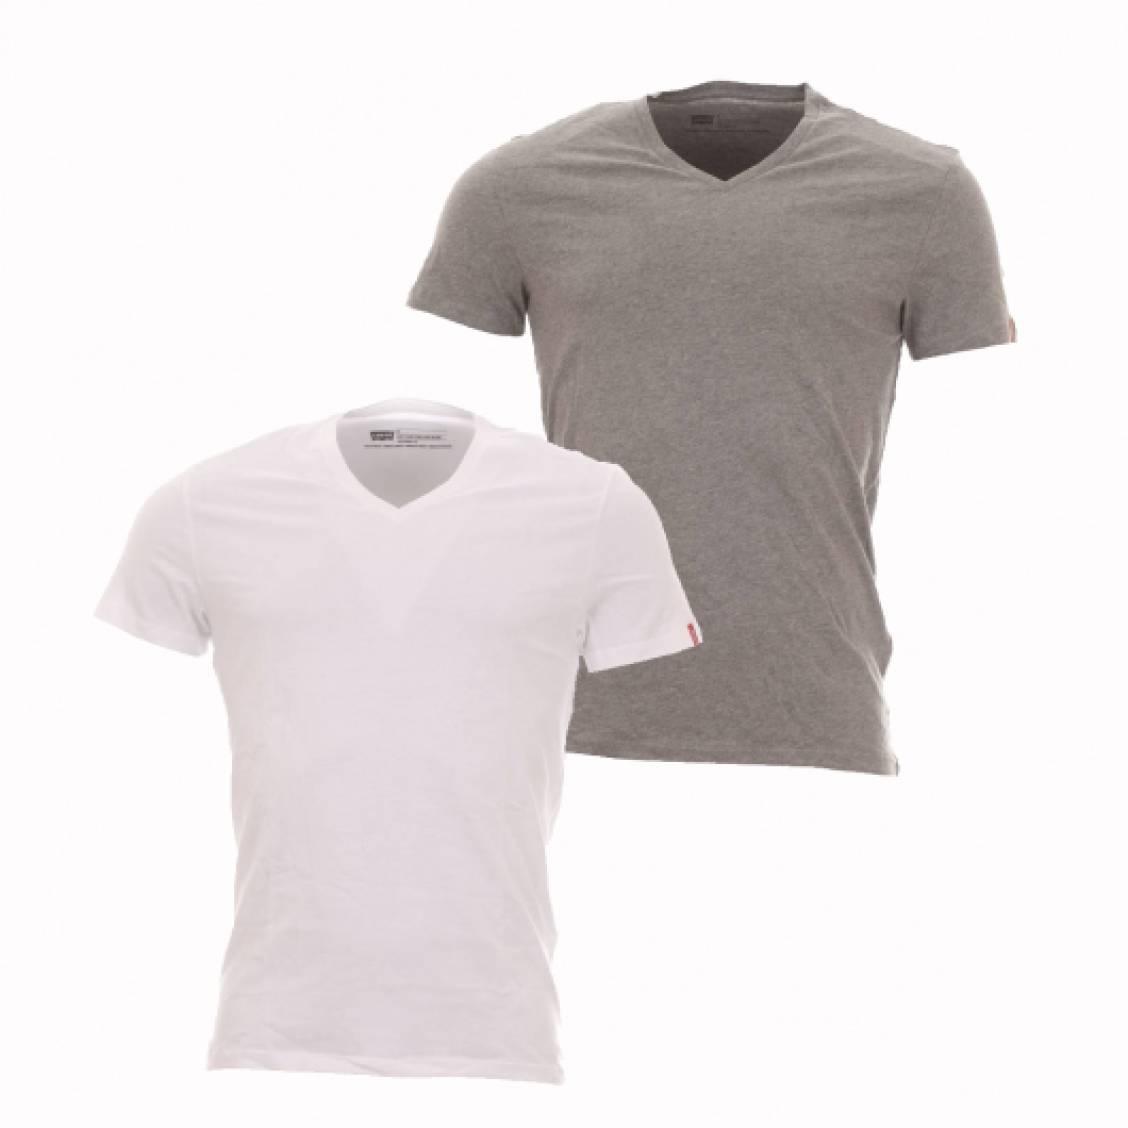 Tee Blanc Shirts Lot V Et Levi's Gris Slim Neck De Fit En Coton 2 rEqtwO7E